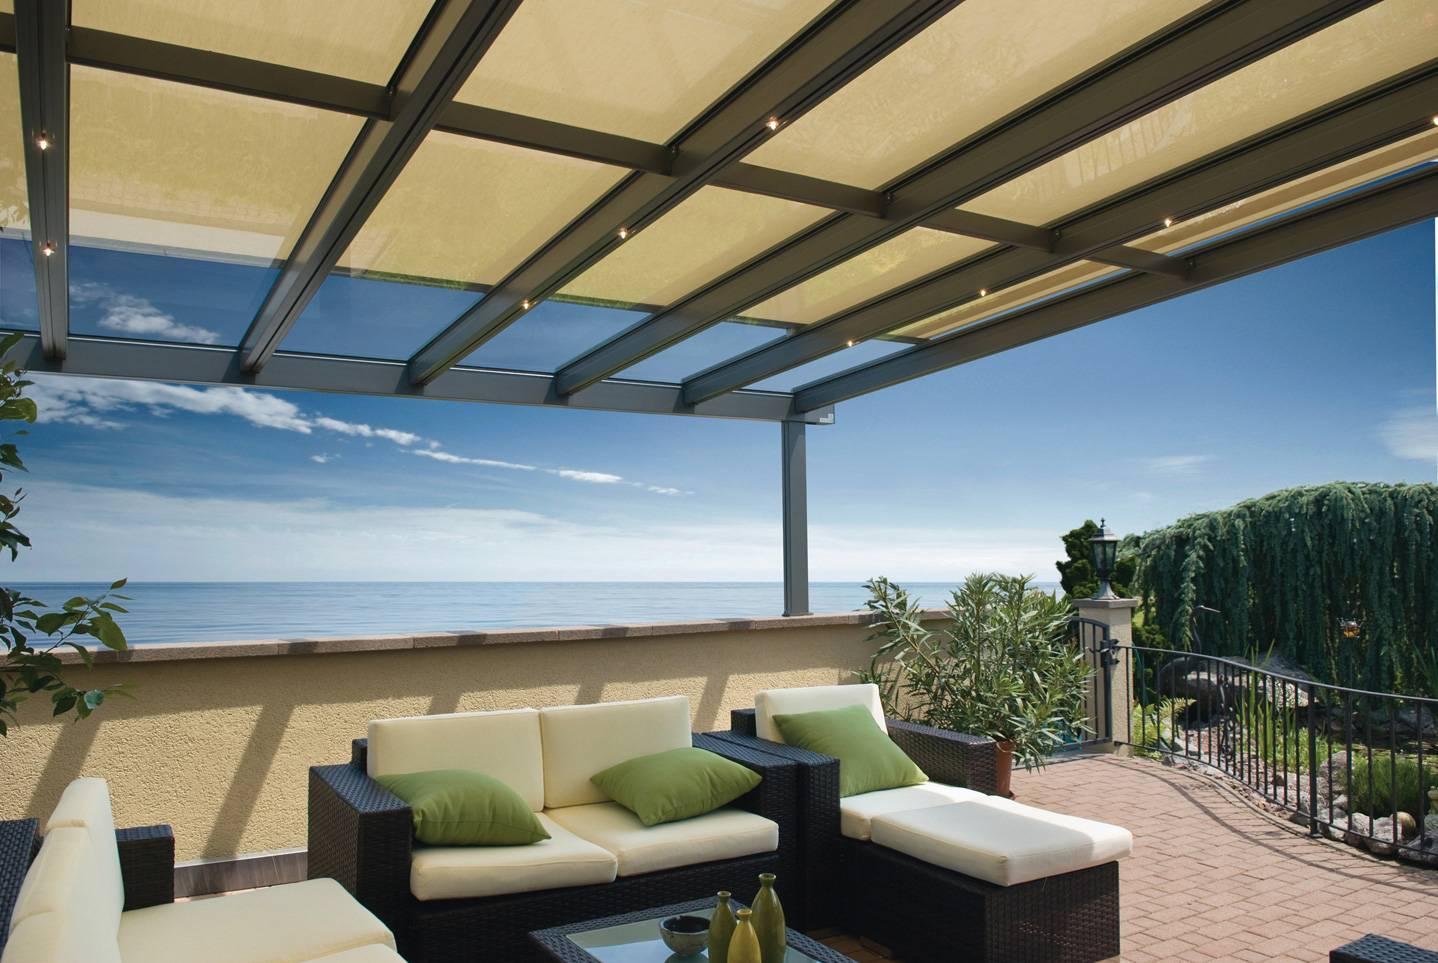 Устройство террасы на крыше: проектирование, материалы, варианты